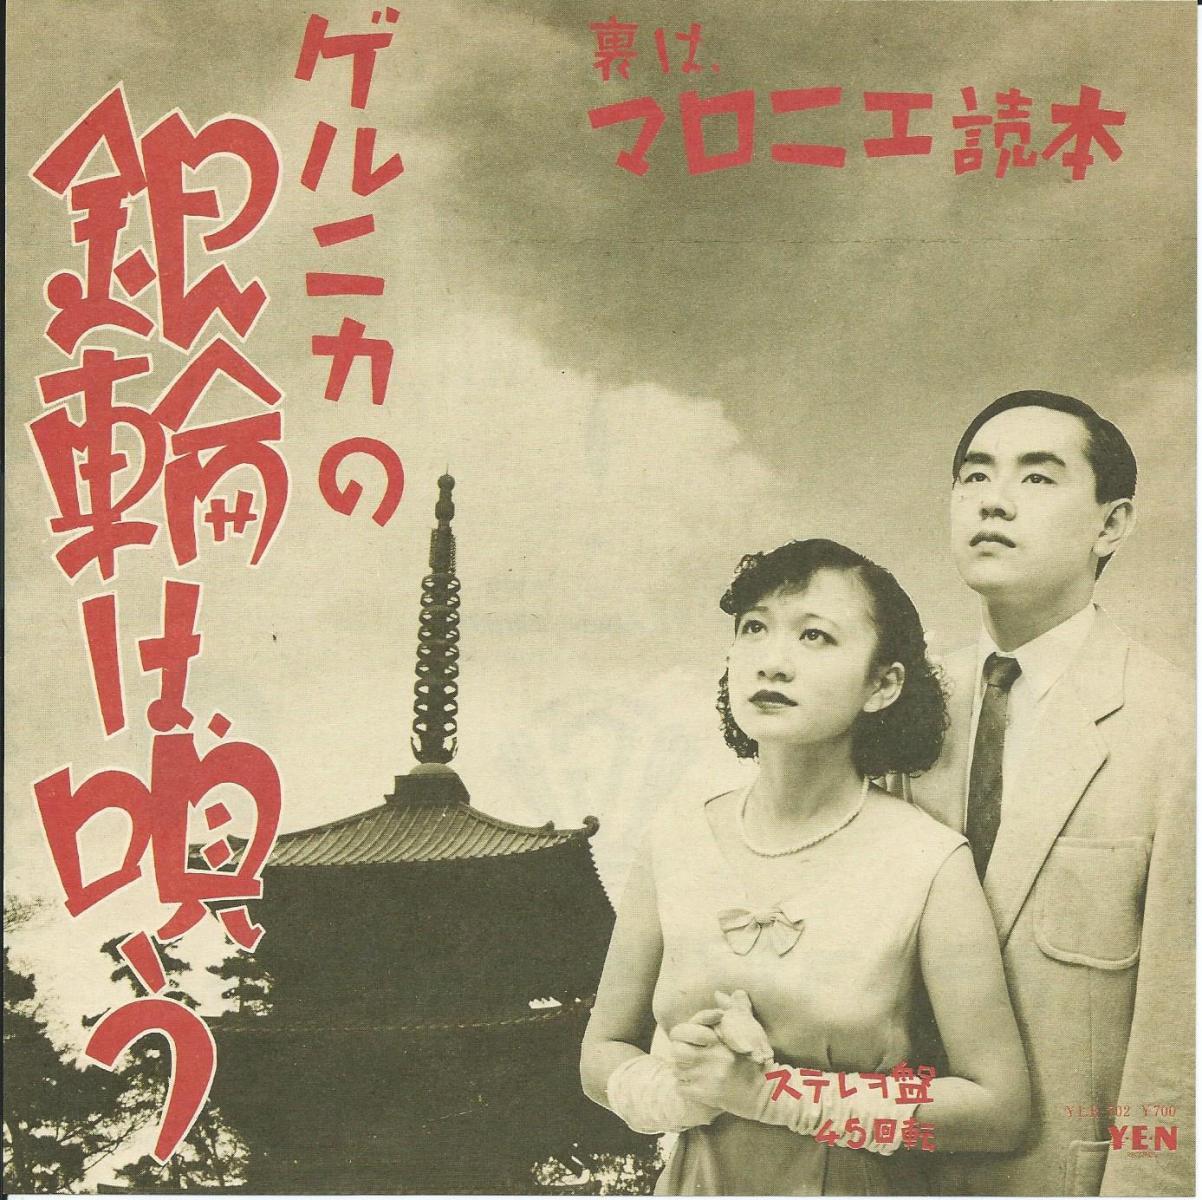 ゲルニカ (戸川純,JUN TOGAWA) / 銀輪は唄う / マロニエ読本 (7